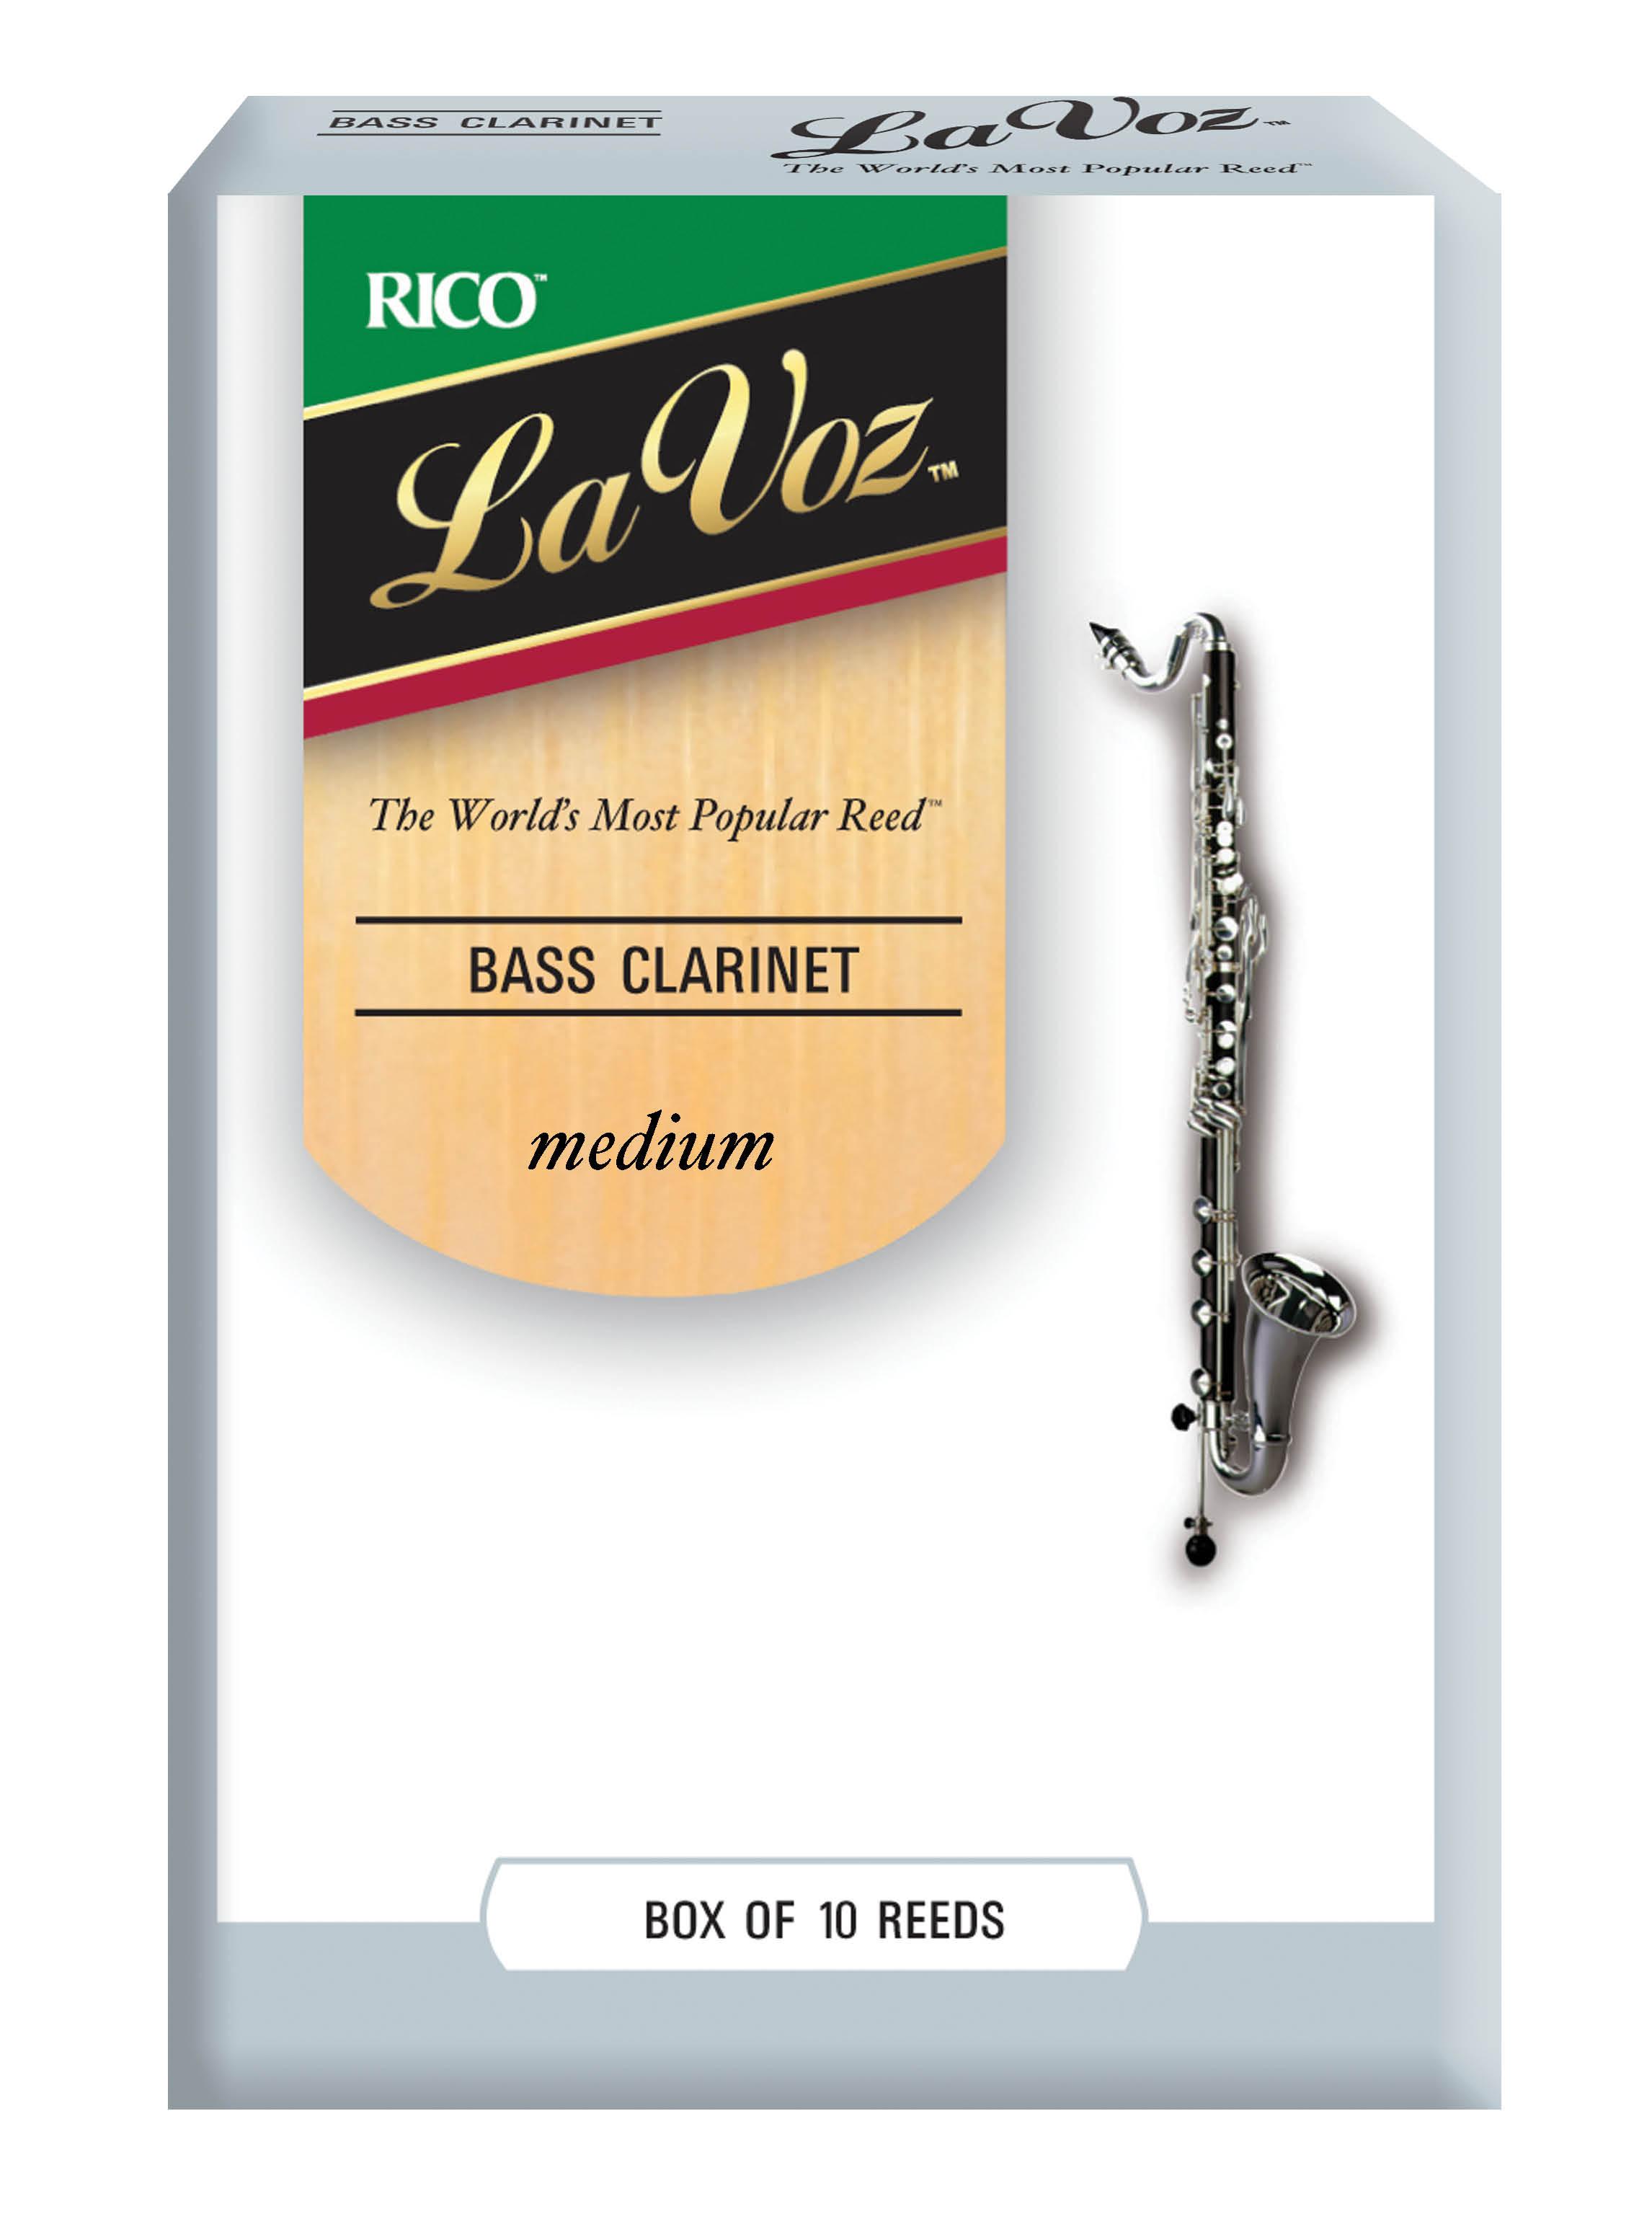 La Voz Med Bass Clarinet Reeds